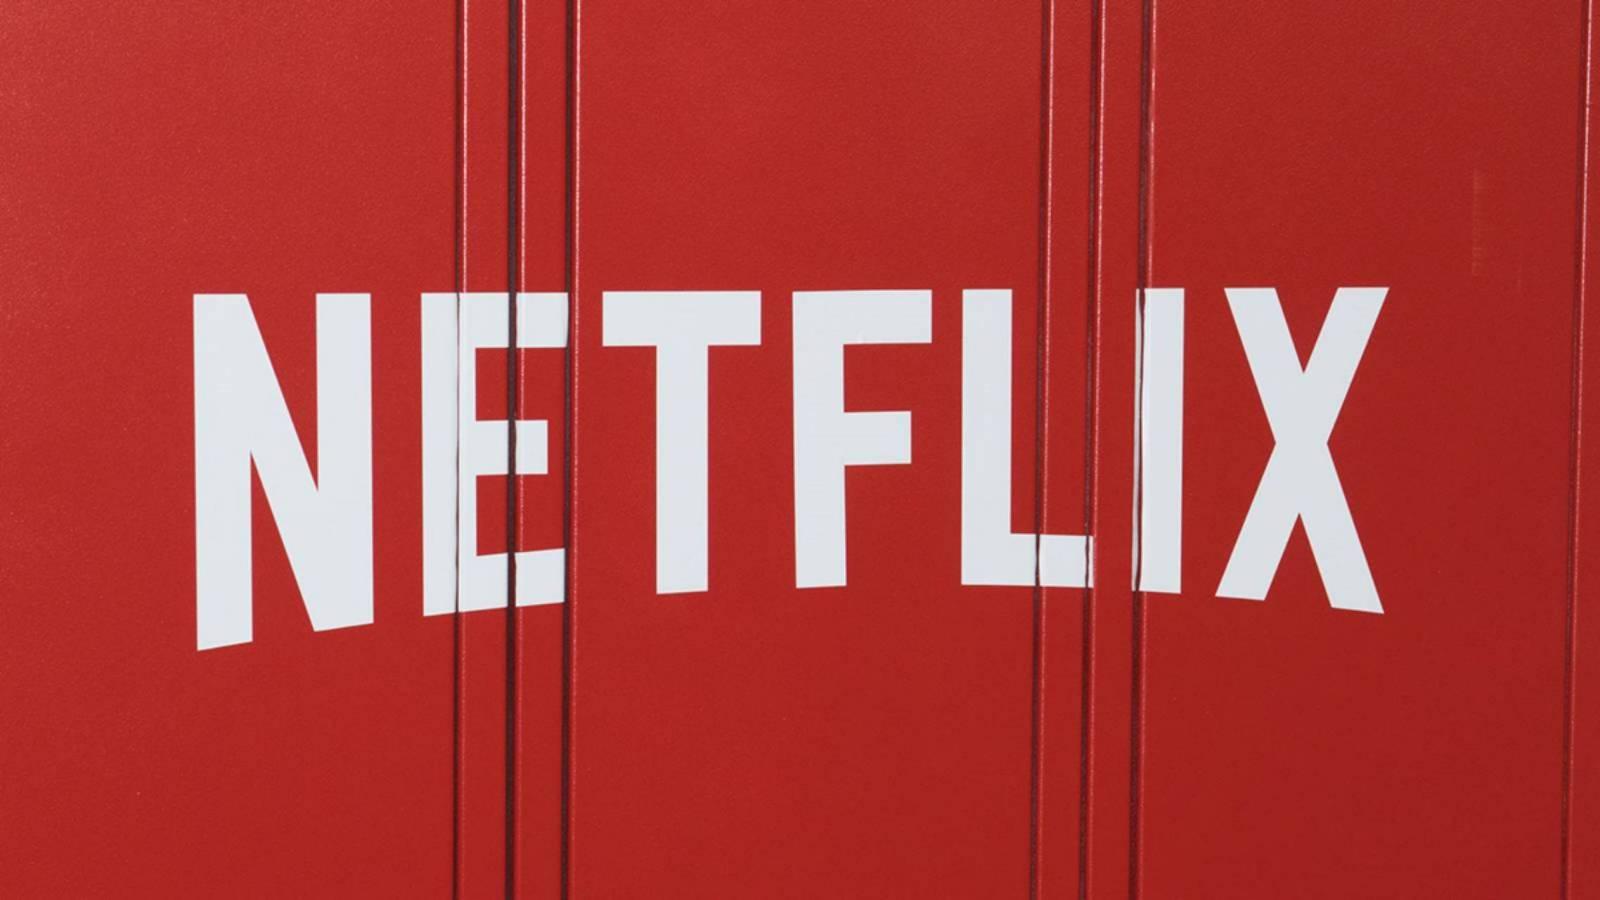 Netflix thriller